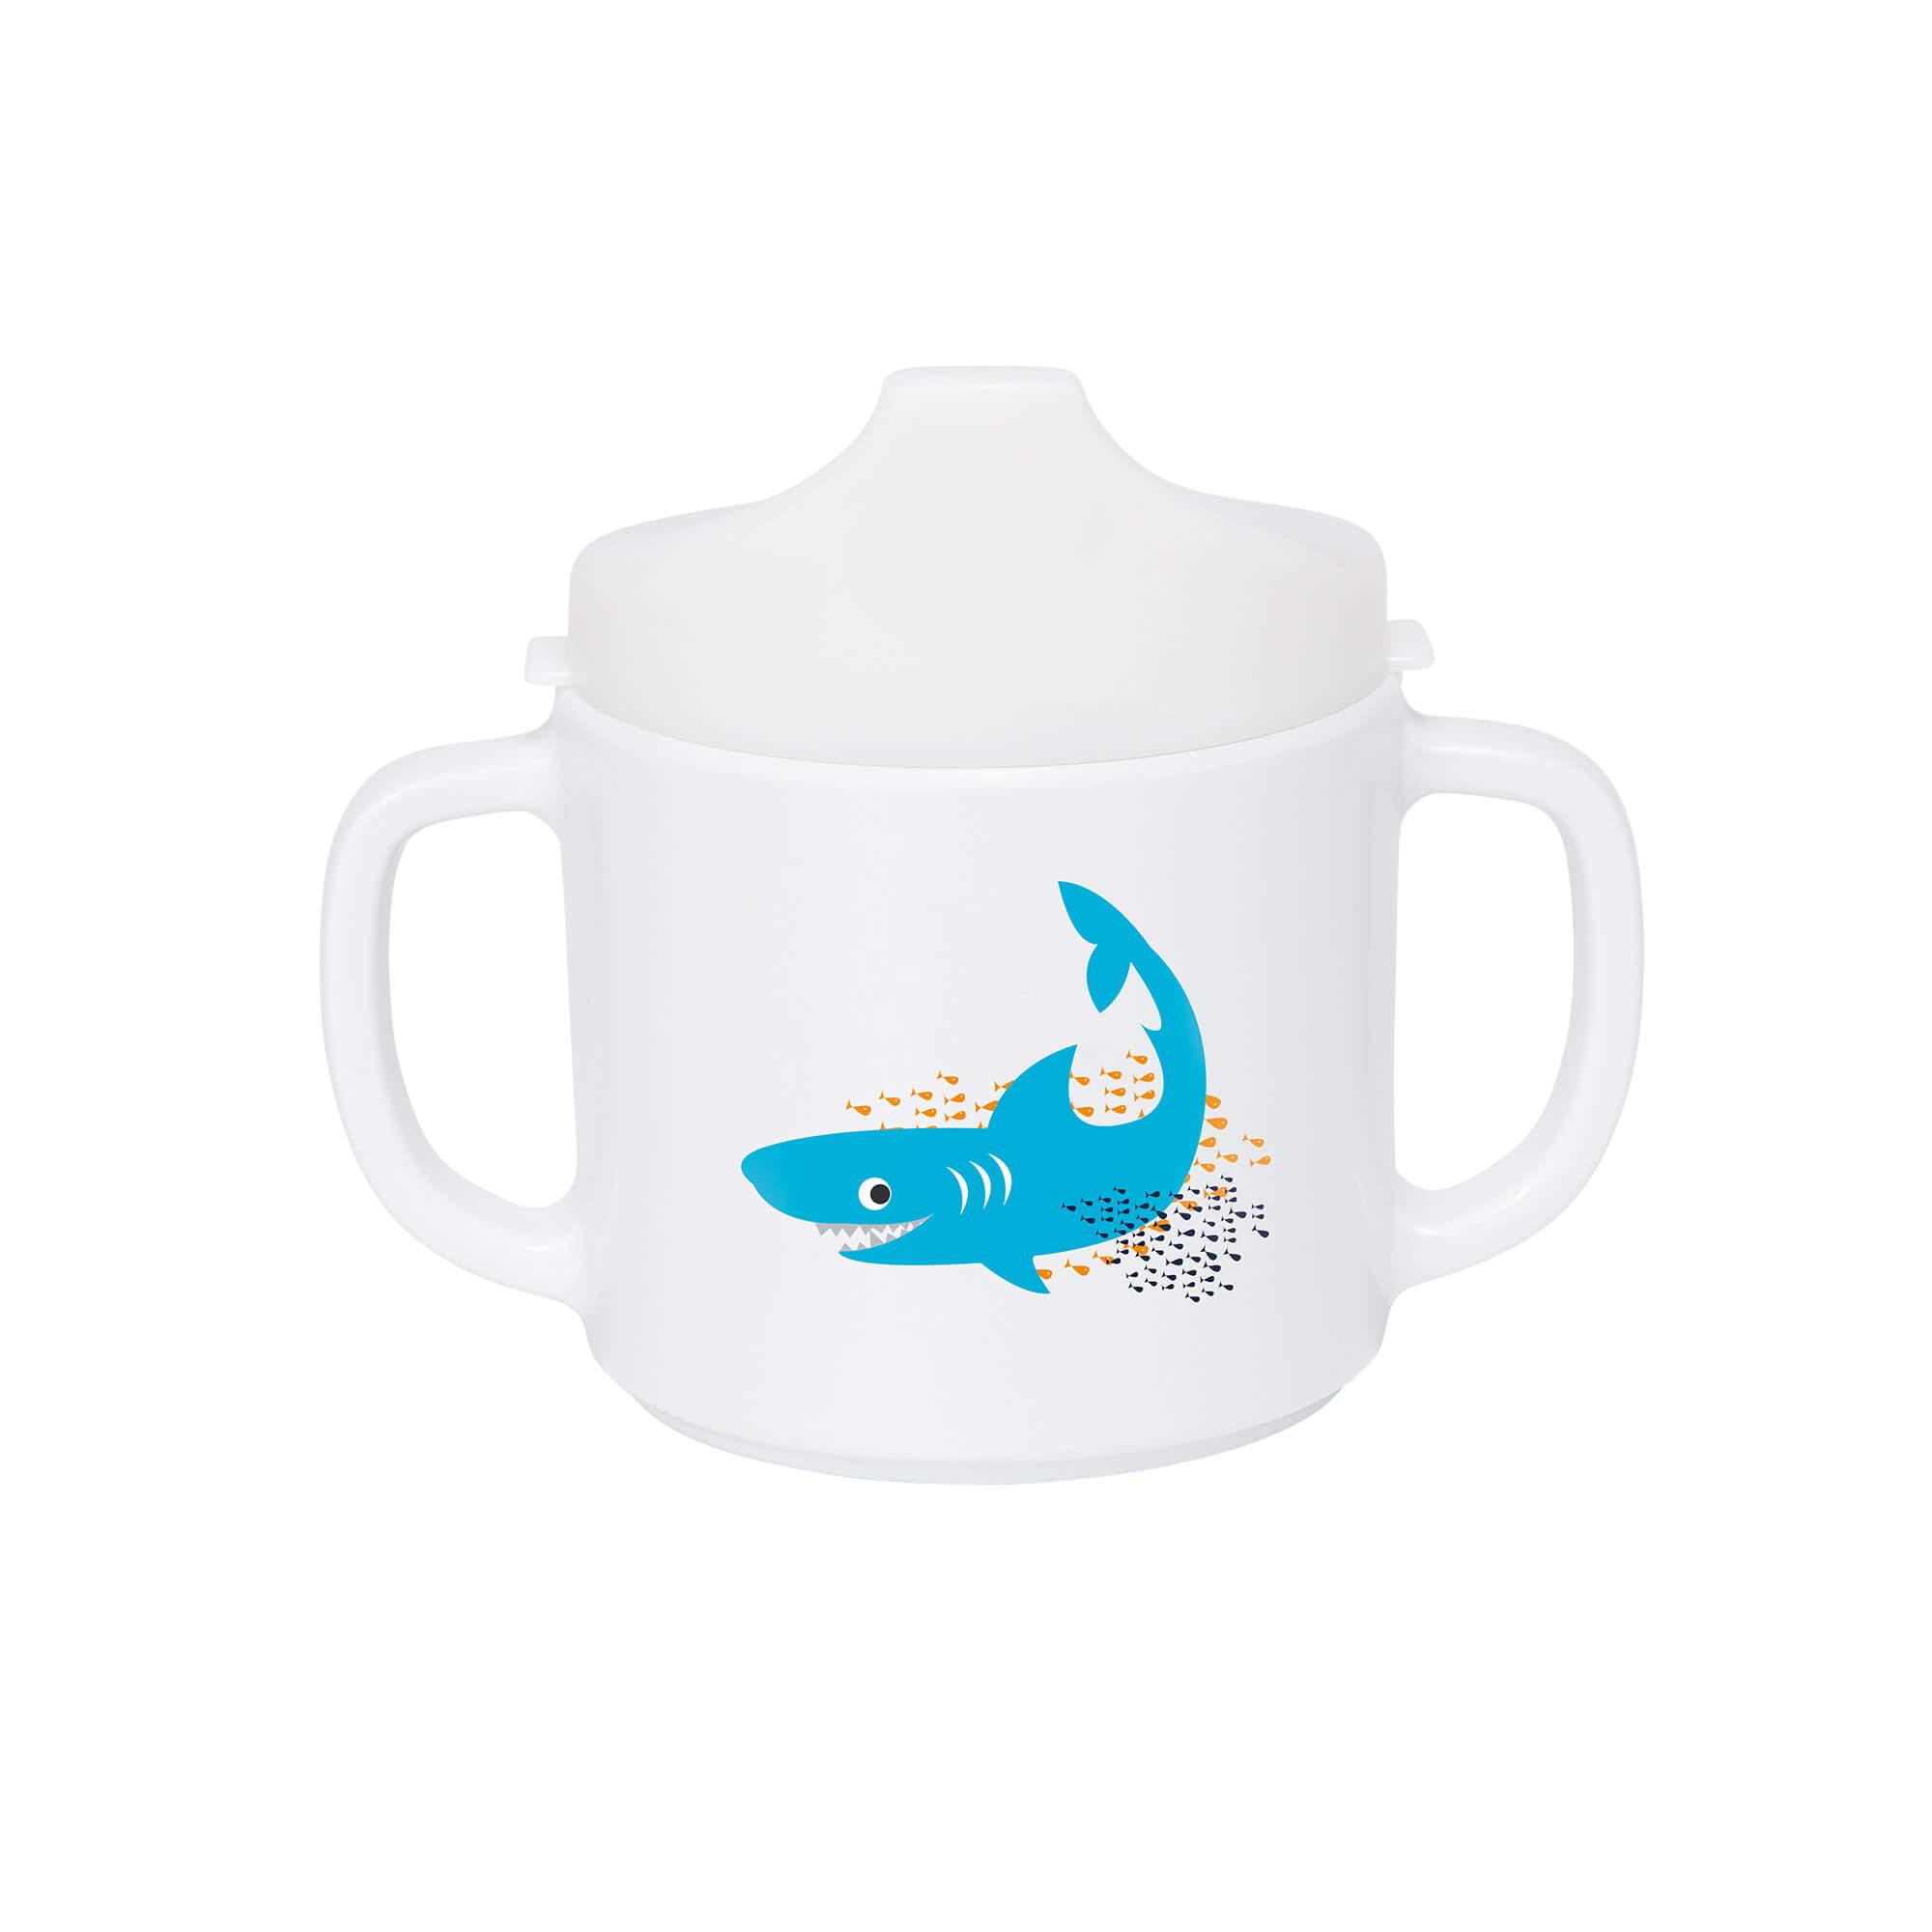 Lässig trinkbecher dish cup wildlife shark ocean lÄssig